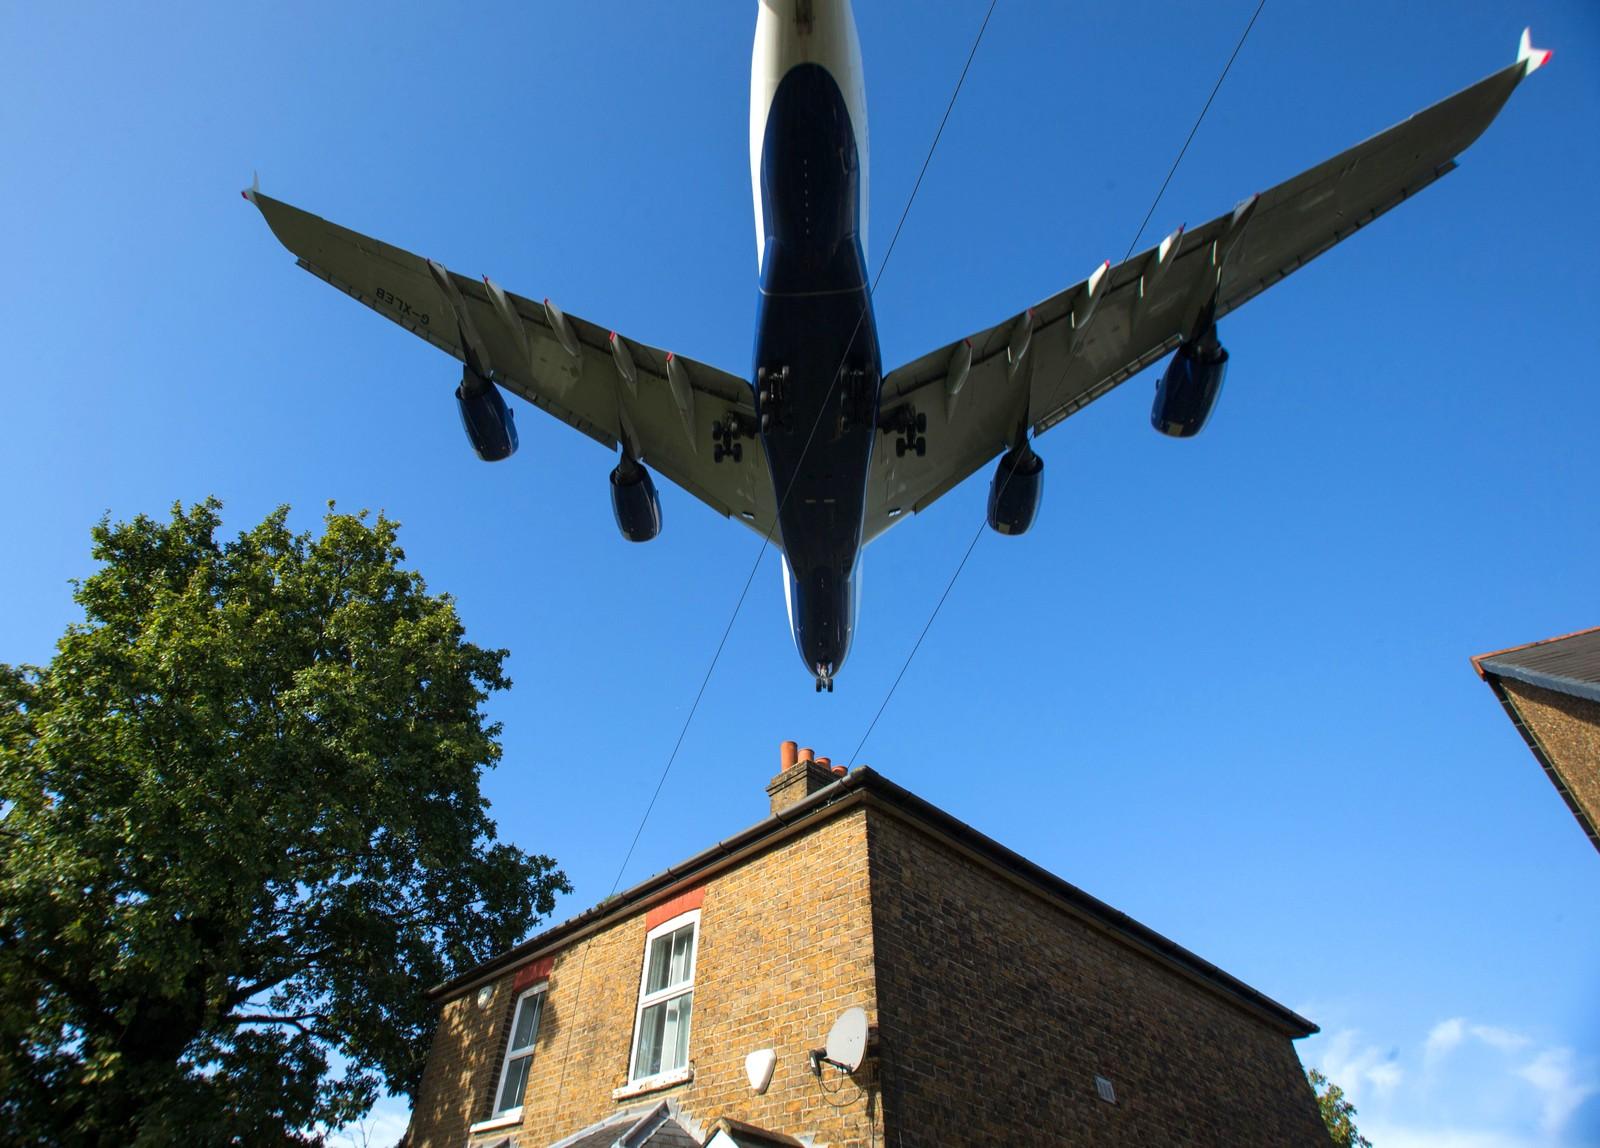 Vi er fremdeles ved Heathrow. Så nære denne boligen er flyene når de skal lande.